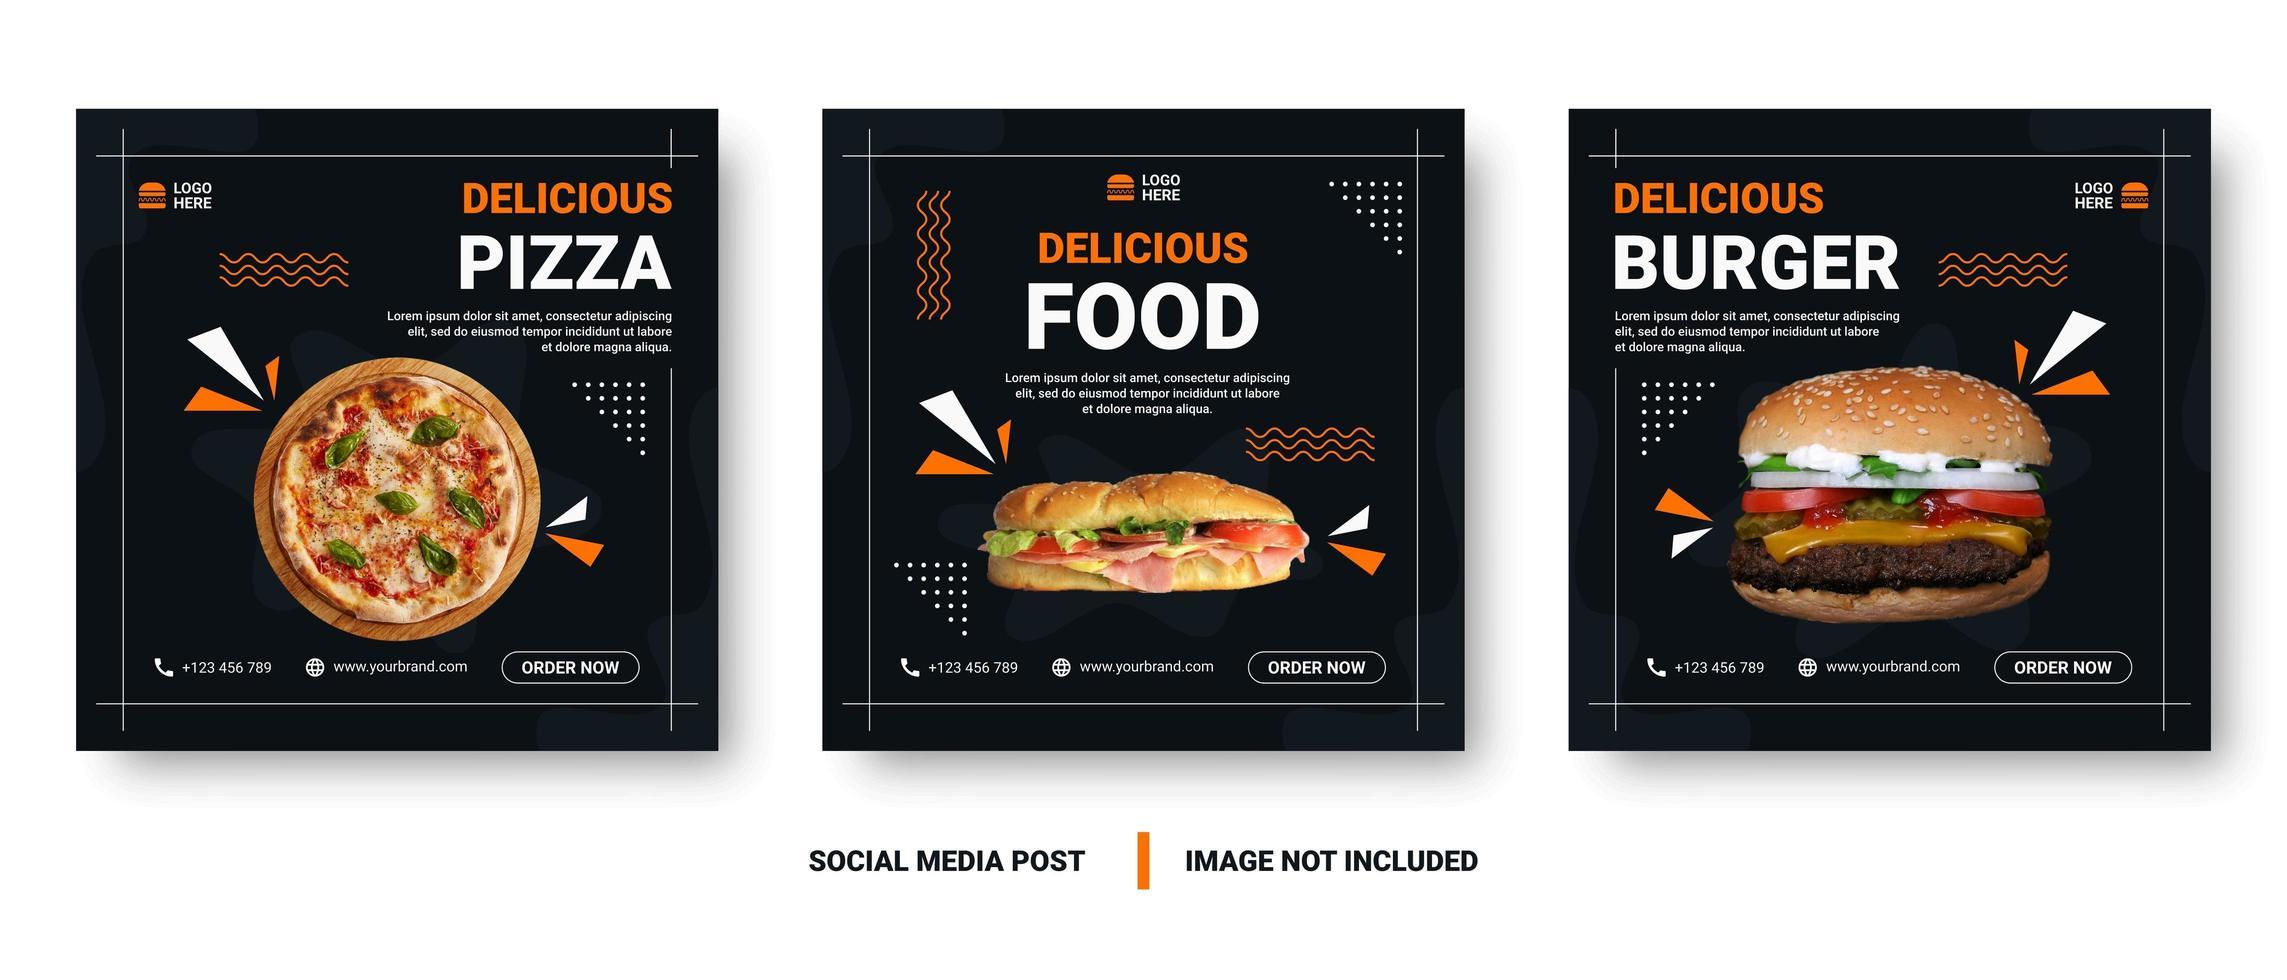 praça memphis estilo comida mídia social post conjunto vetor